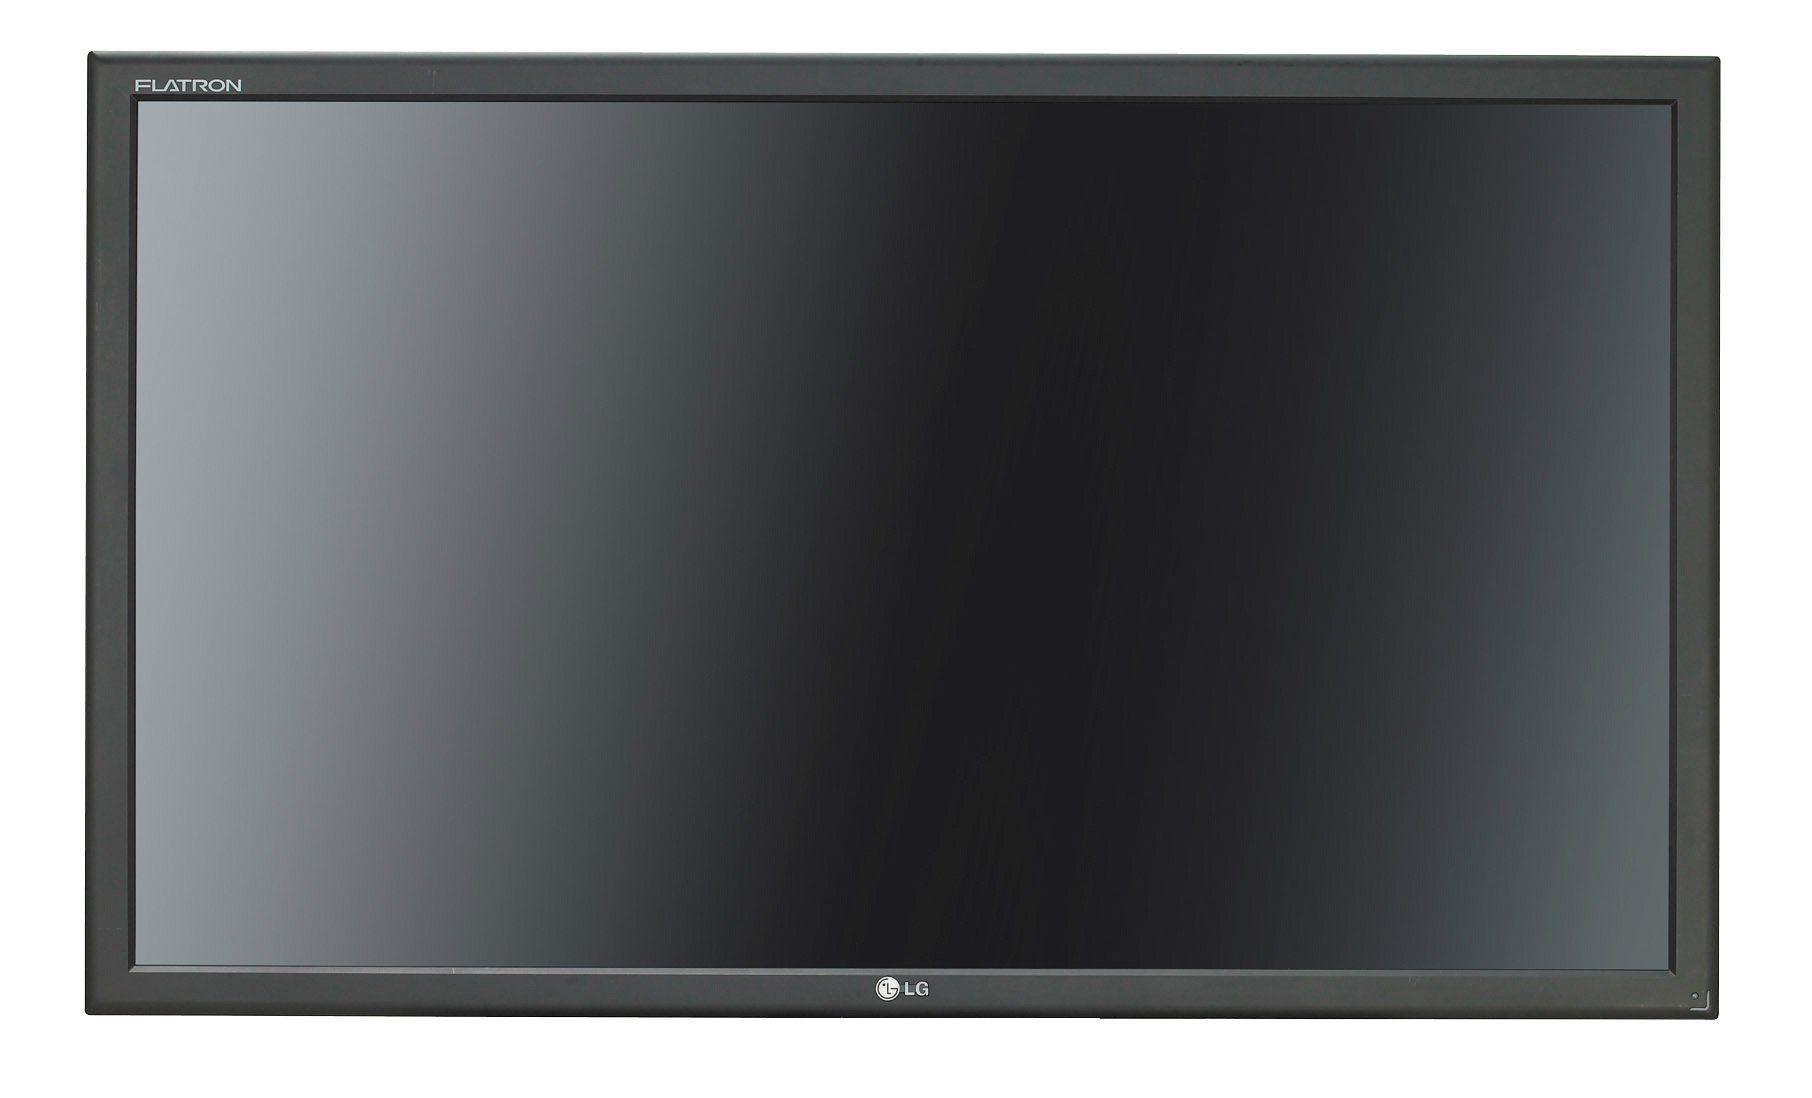 LG M4214T 42